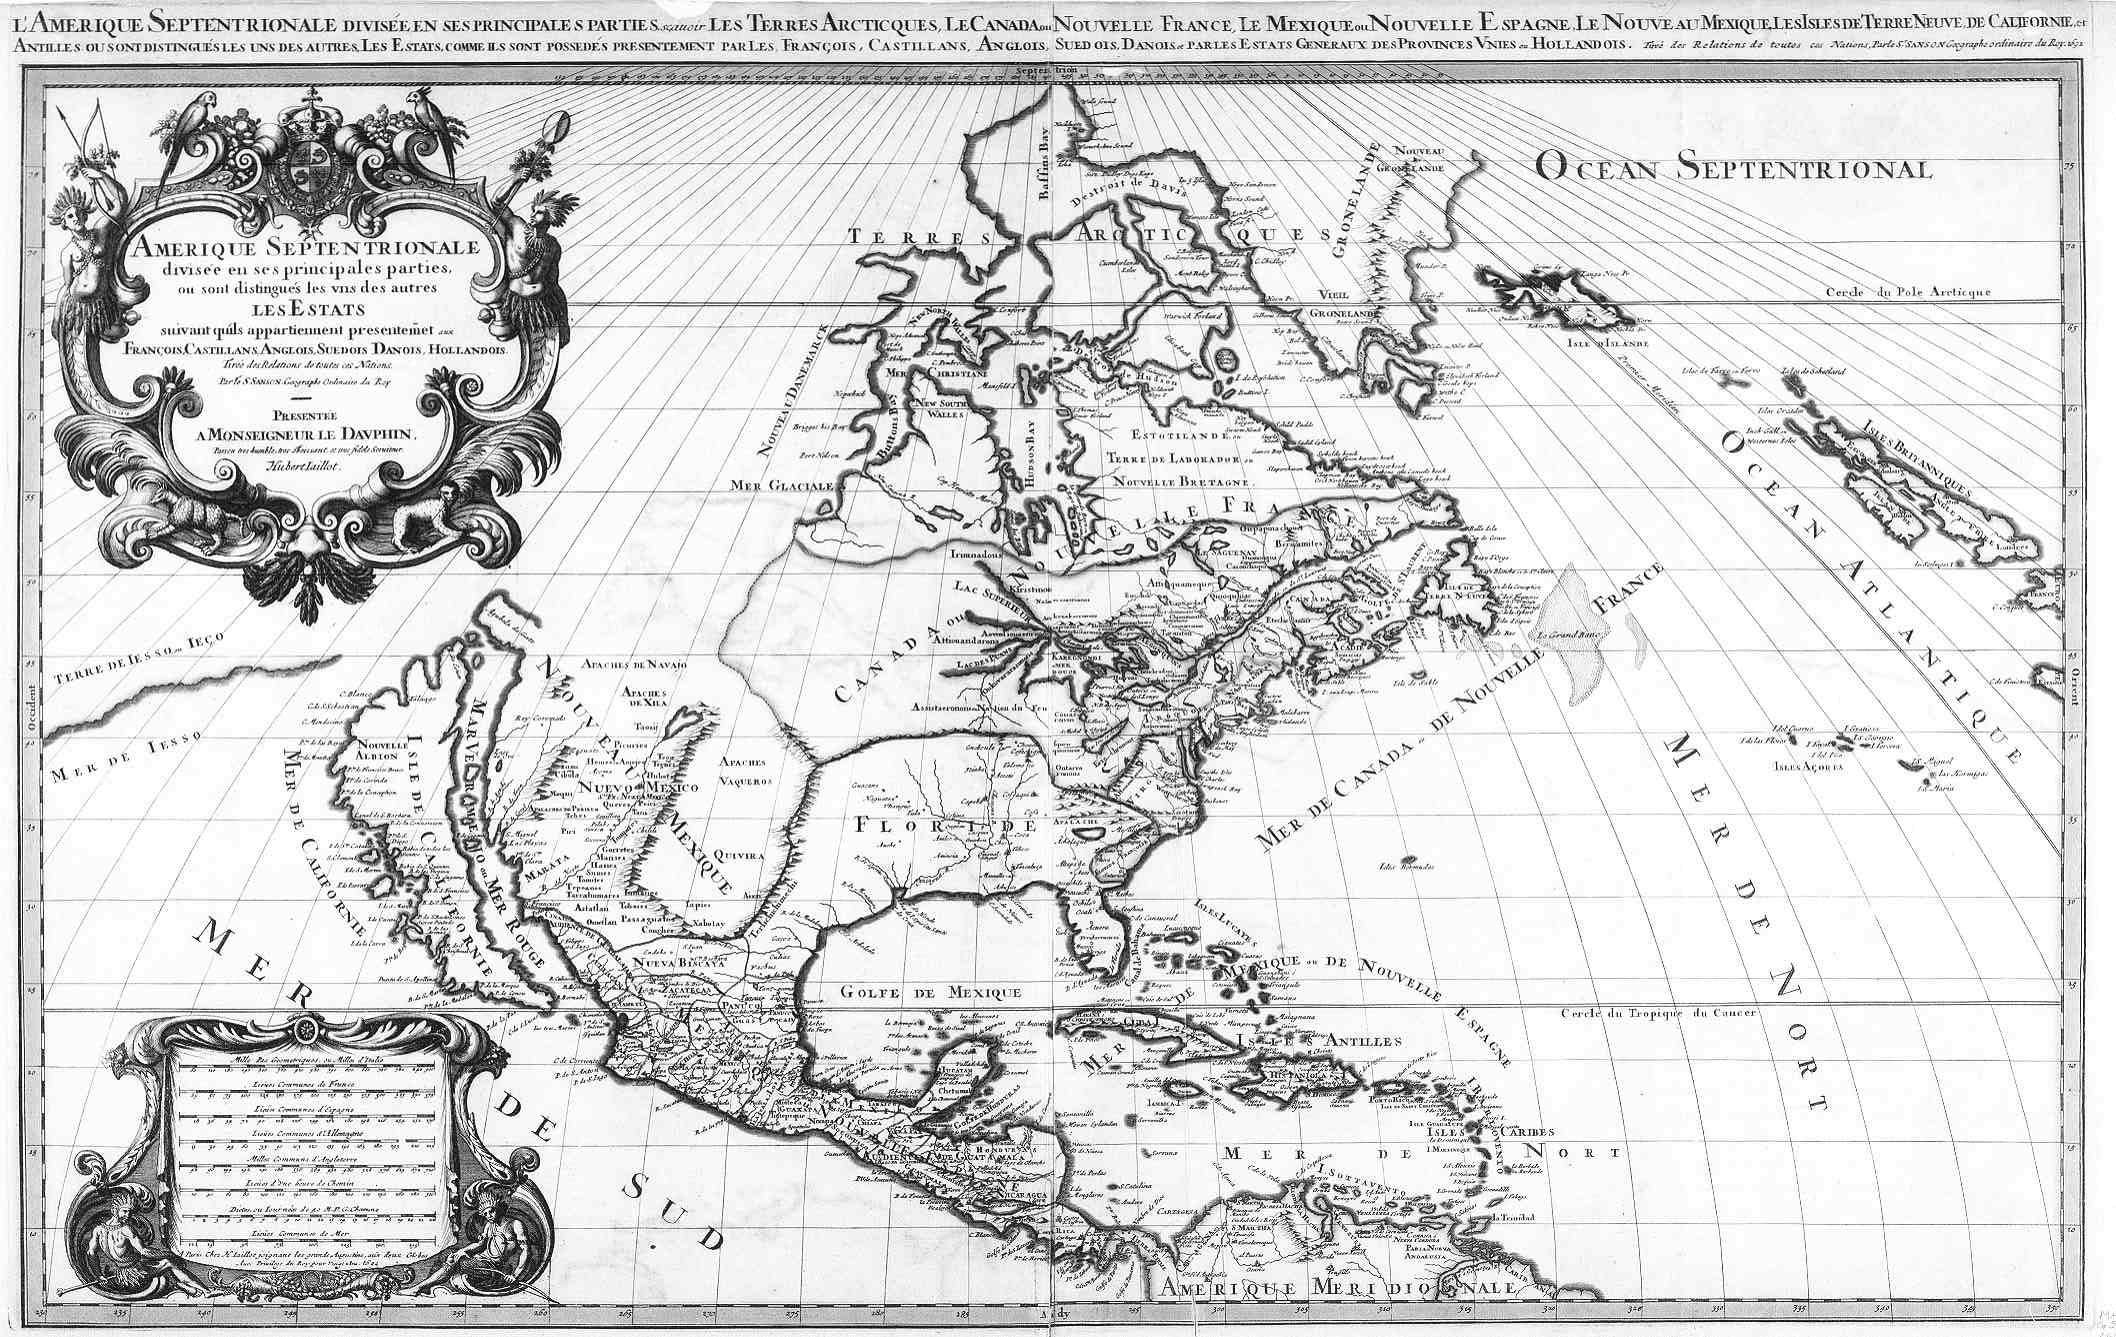 1692 Amerique Septentrionale Divisee En Ses Prinles Parties